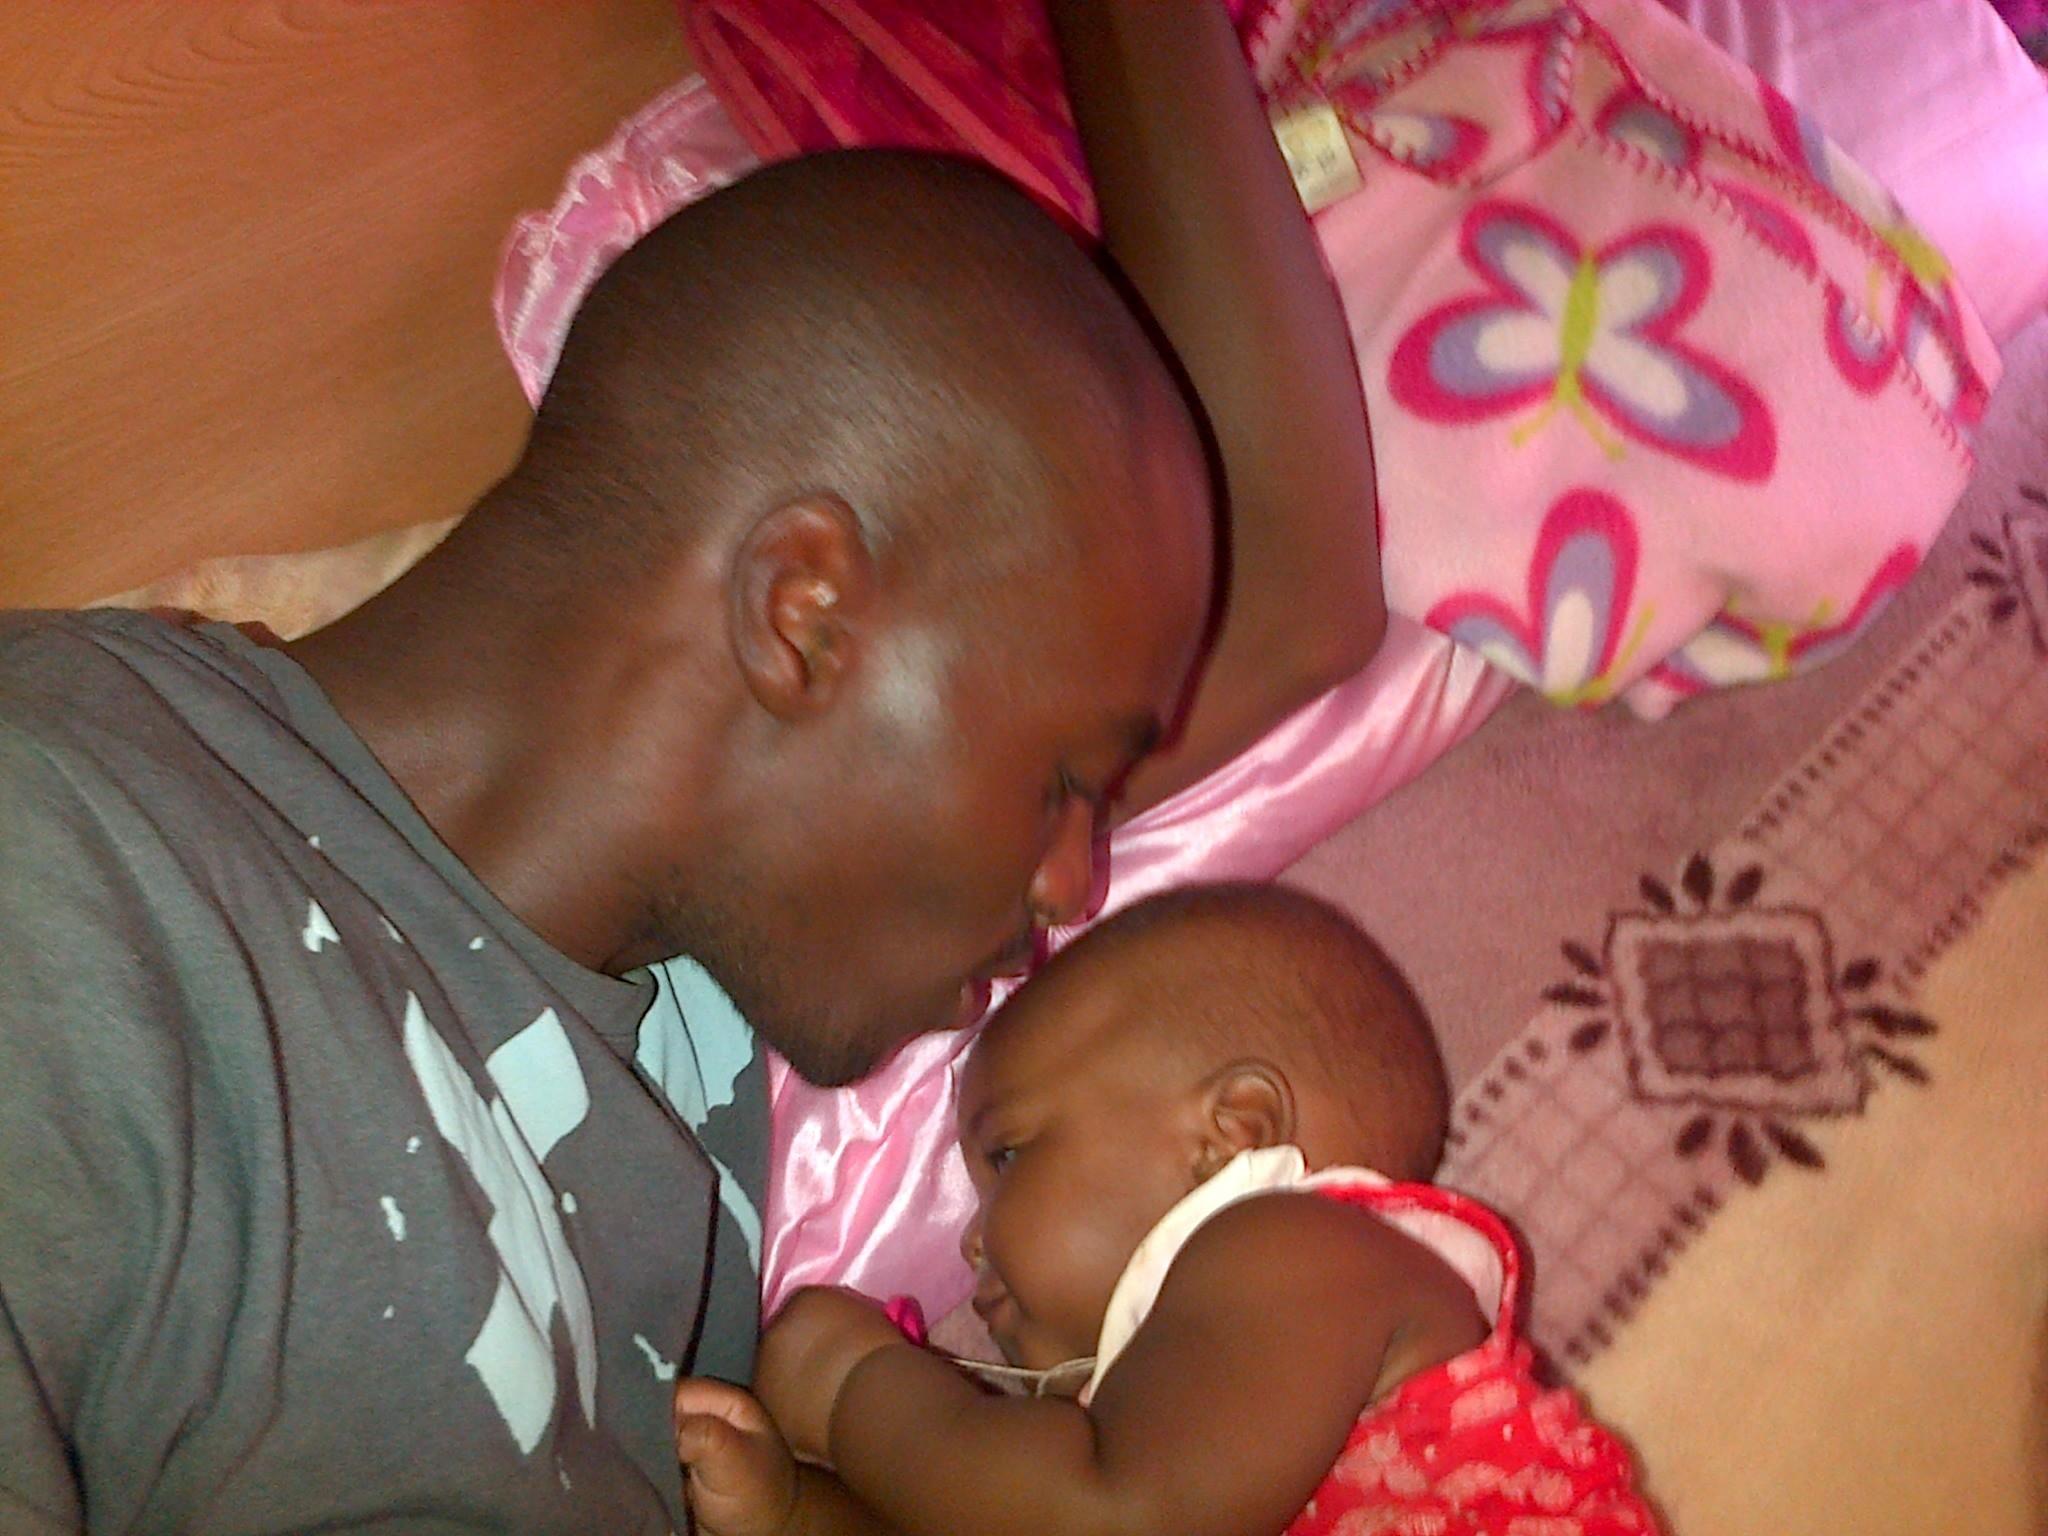 Bonding with my angel